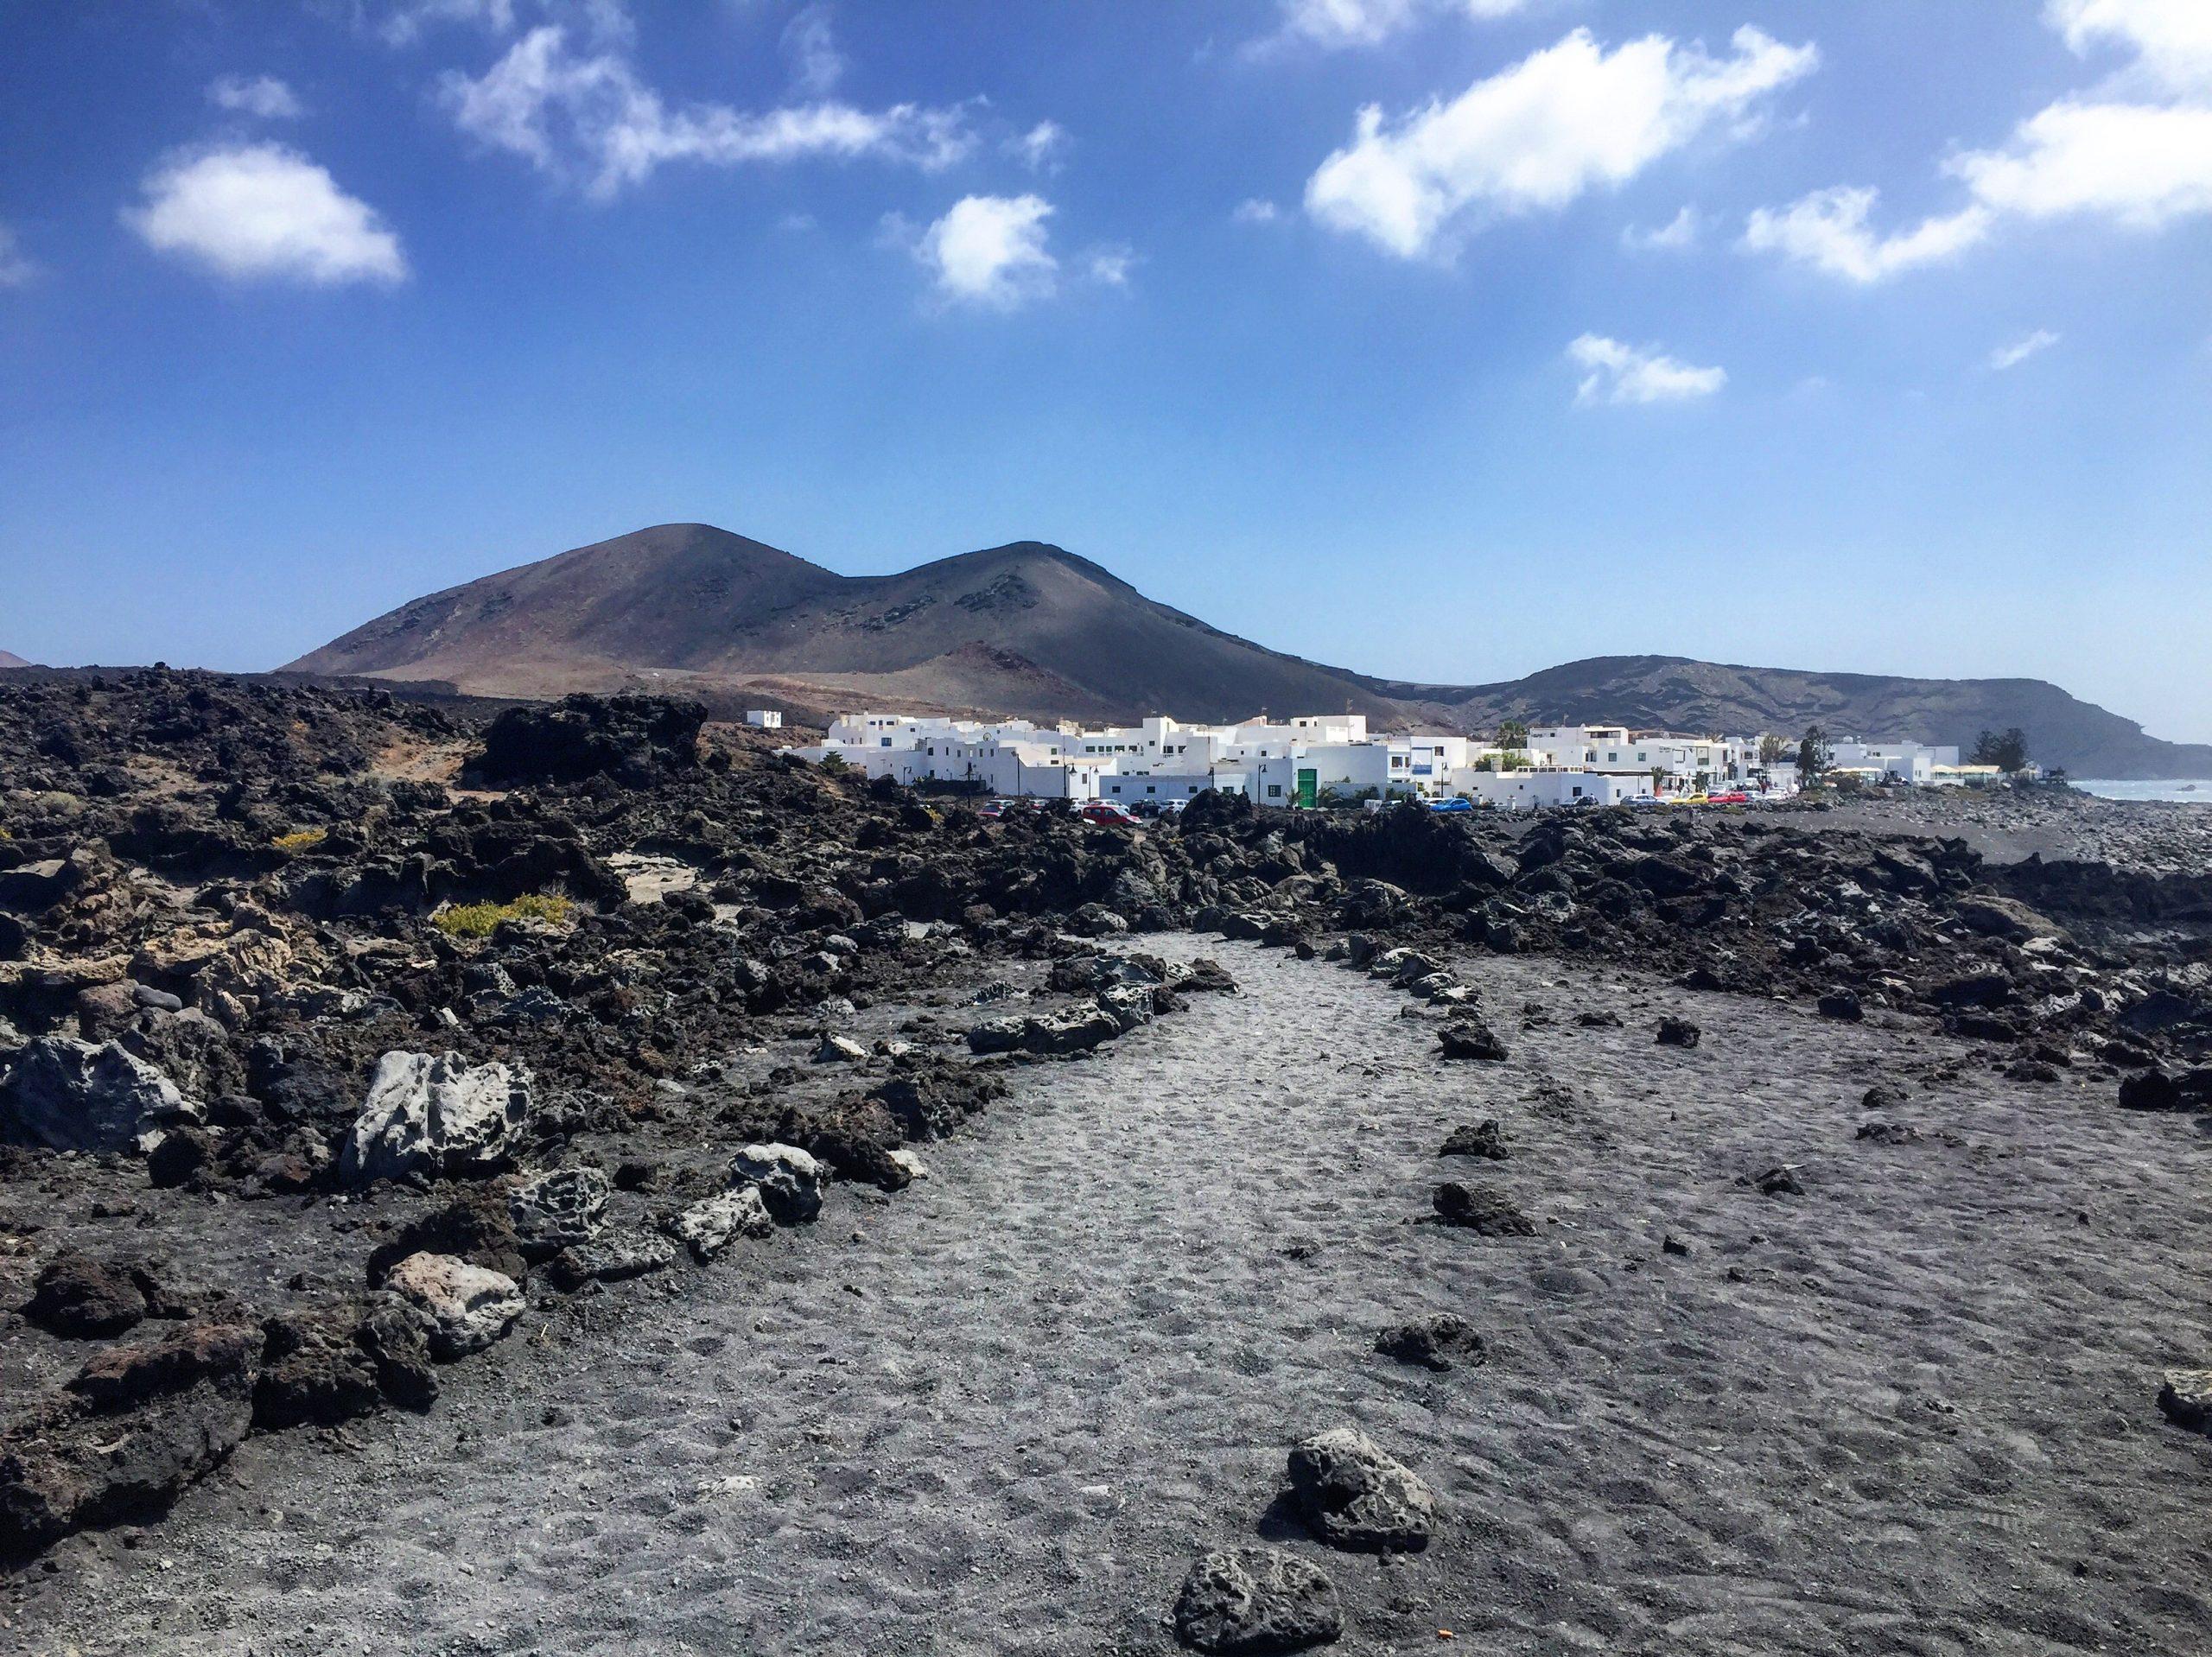 El Golfo, trésor de Lanzarote